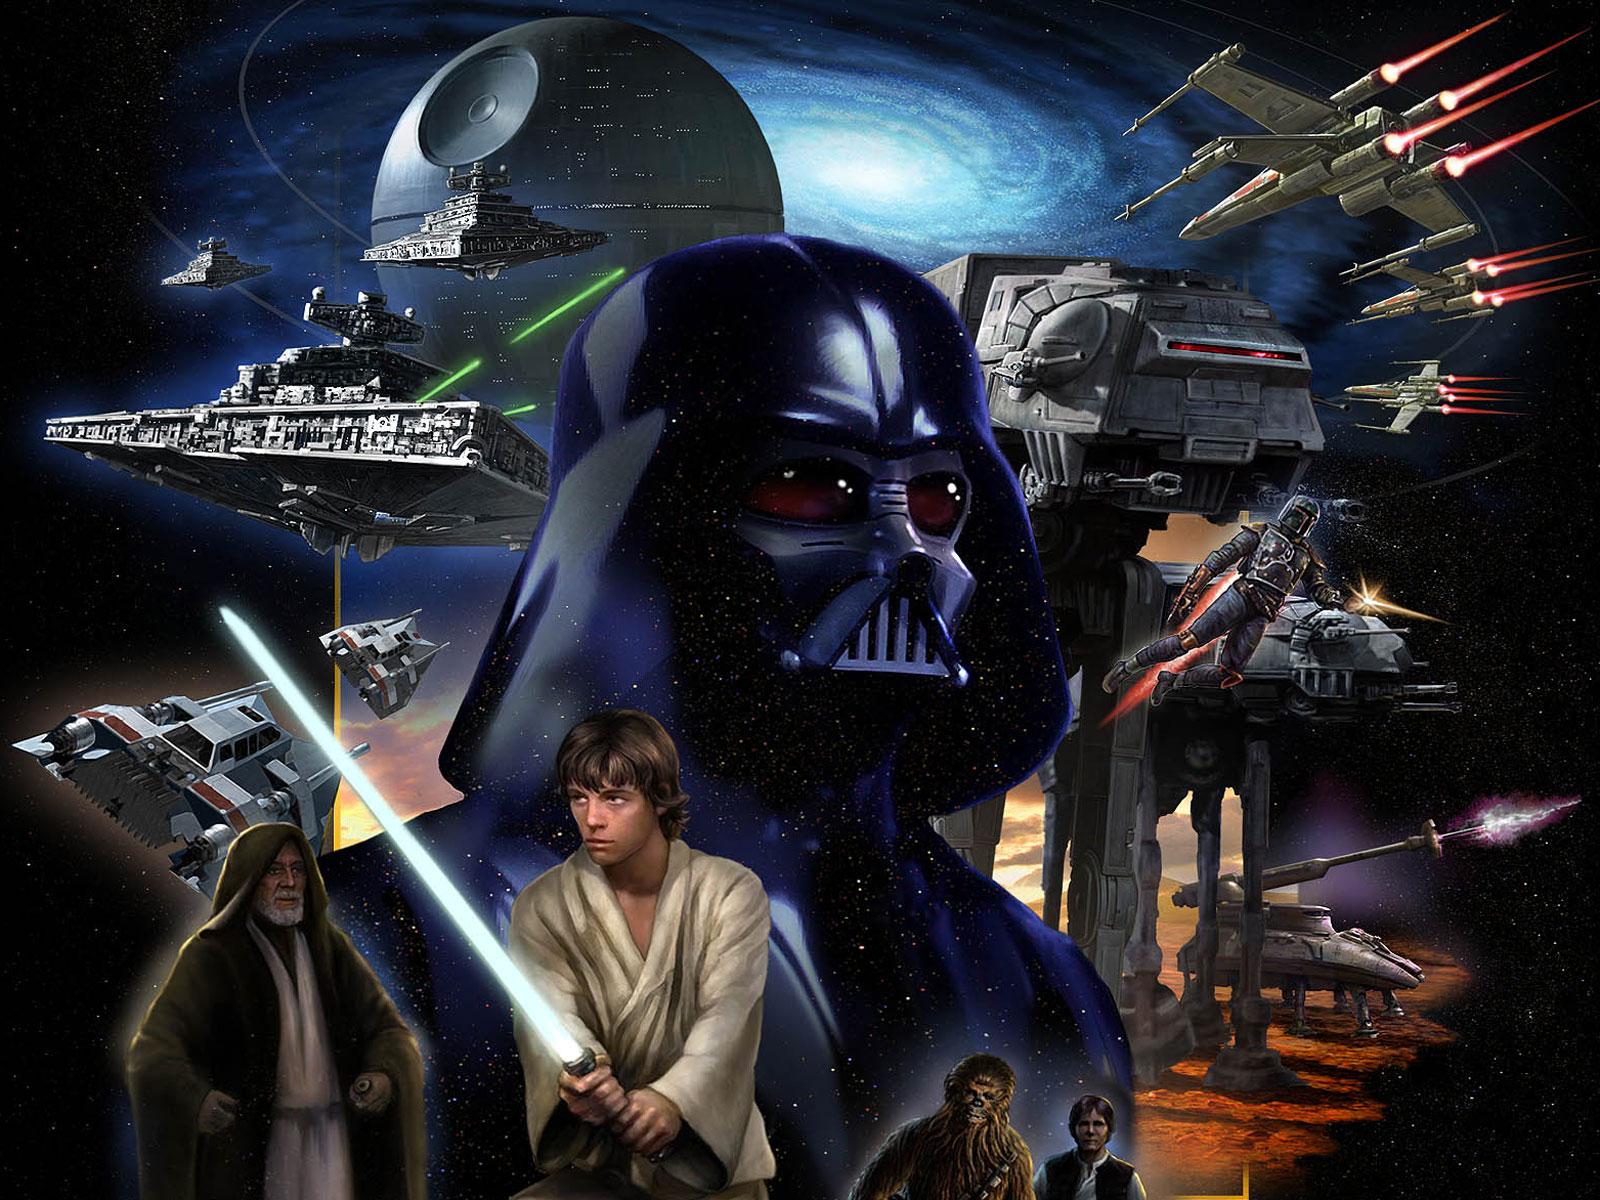 Star Wars At At Wallpaper: HD WALLPAPERS: STAR WARS HD IMAGES